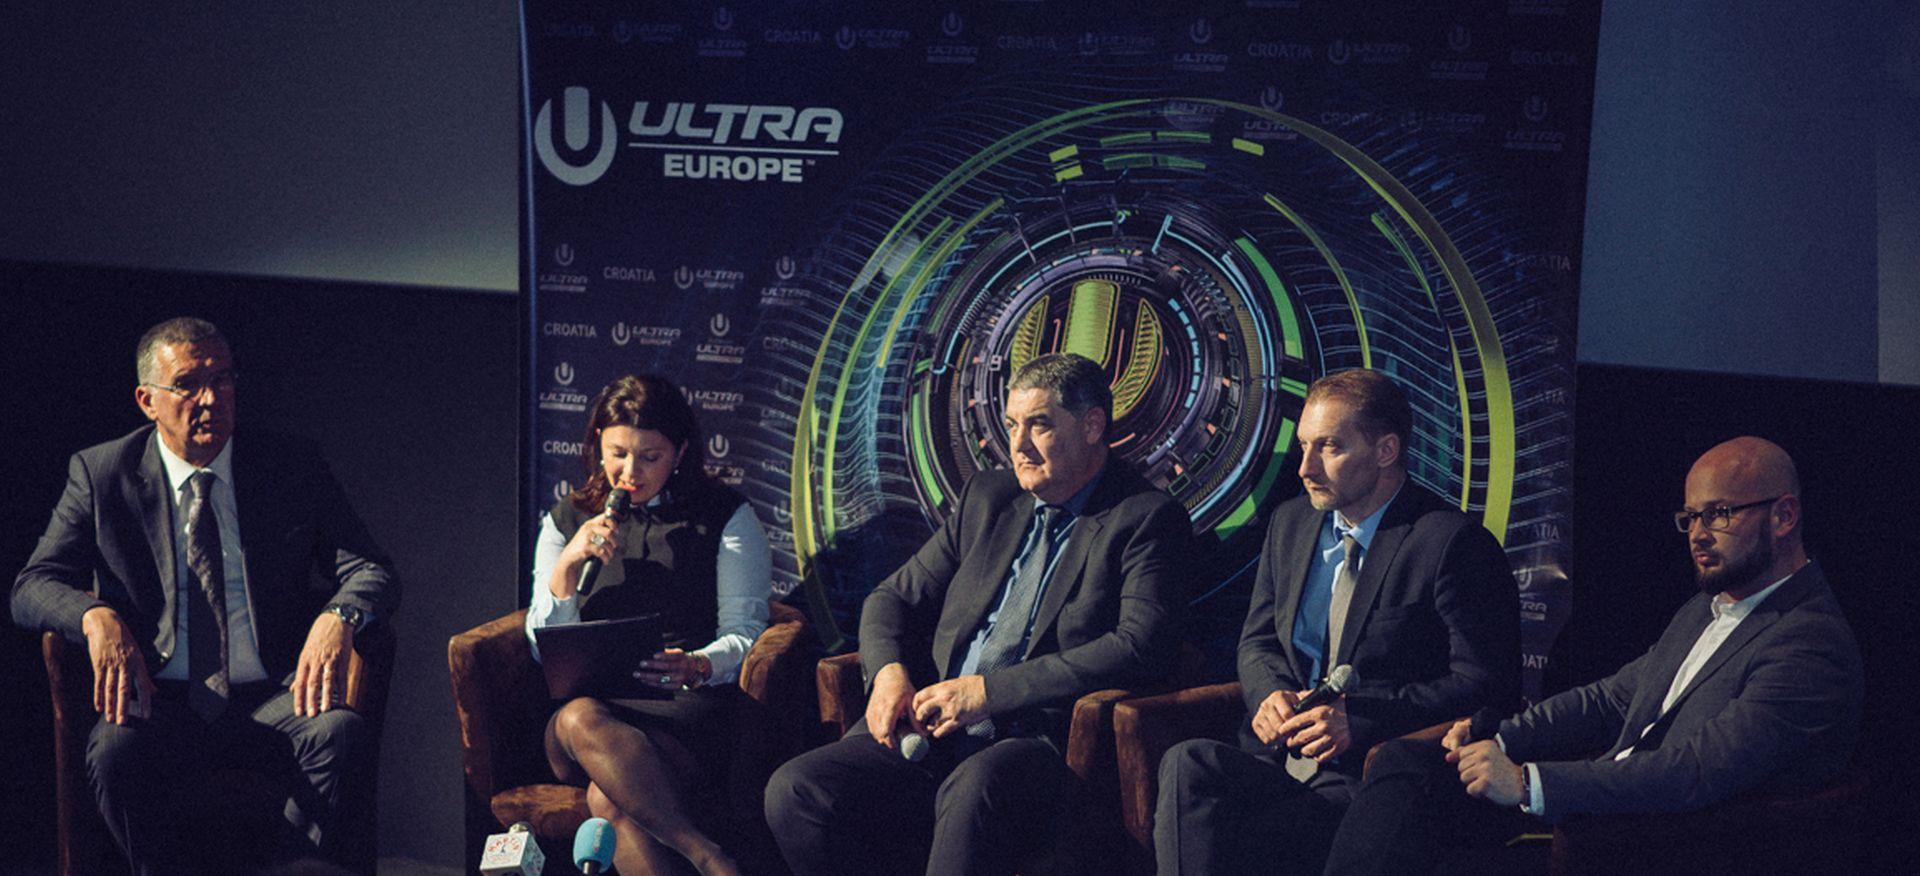 Ultra spektakl ostaje u Splitu